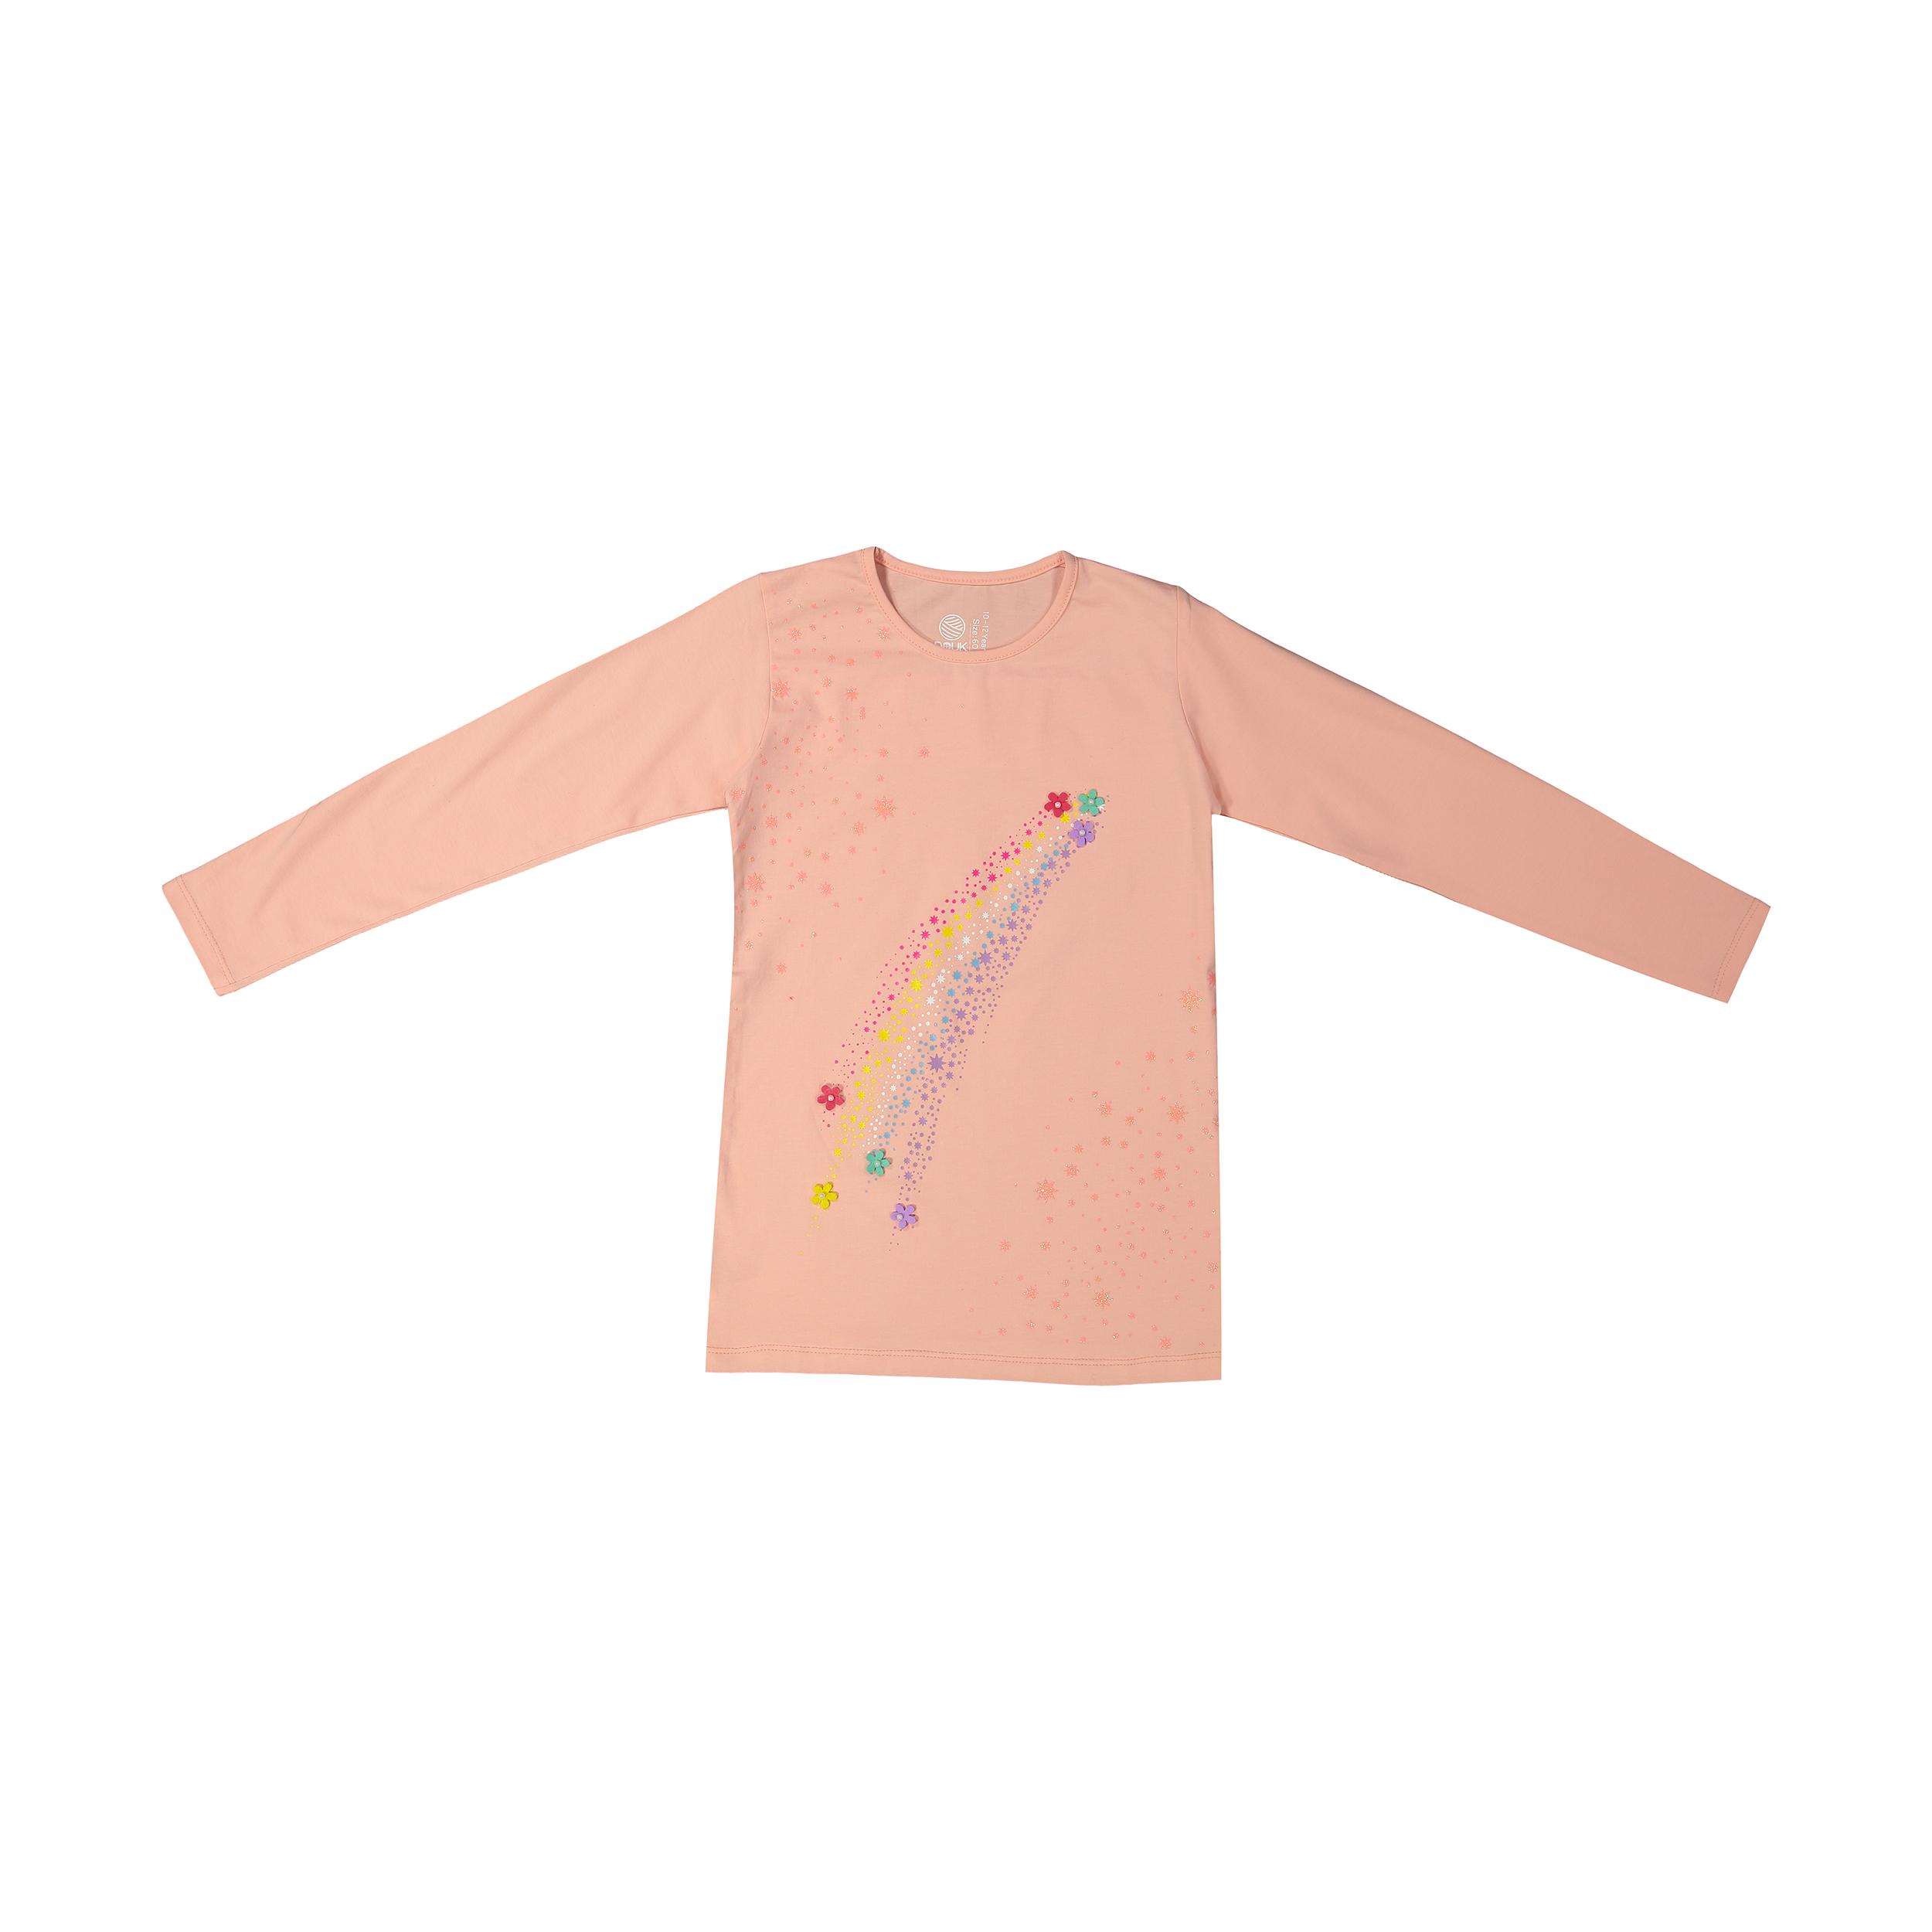 تی شرت دخترانه سون پون مدل 1391354-84 -  - 2